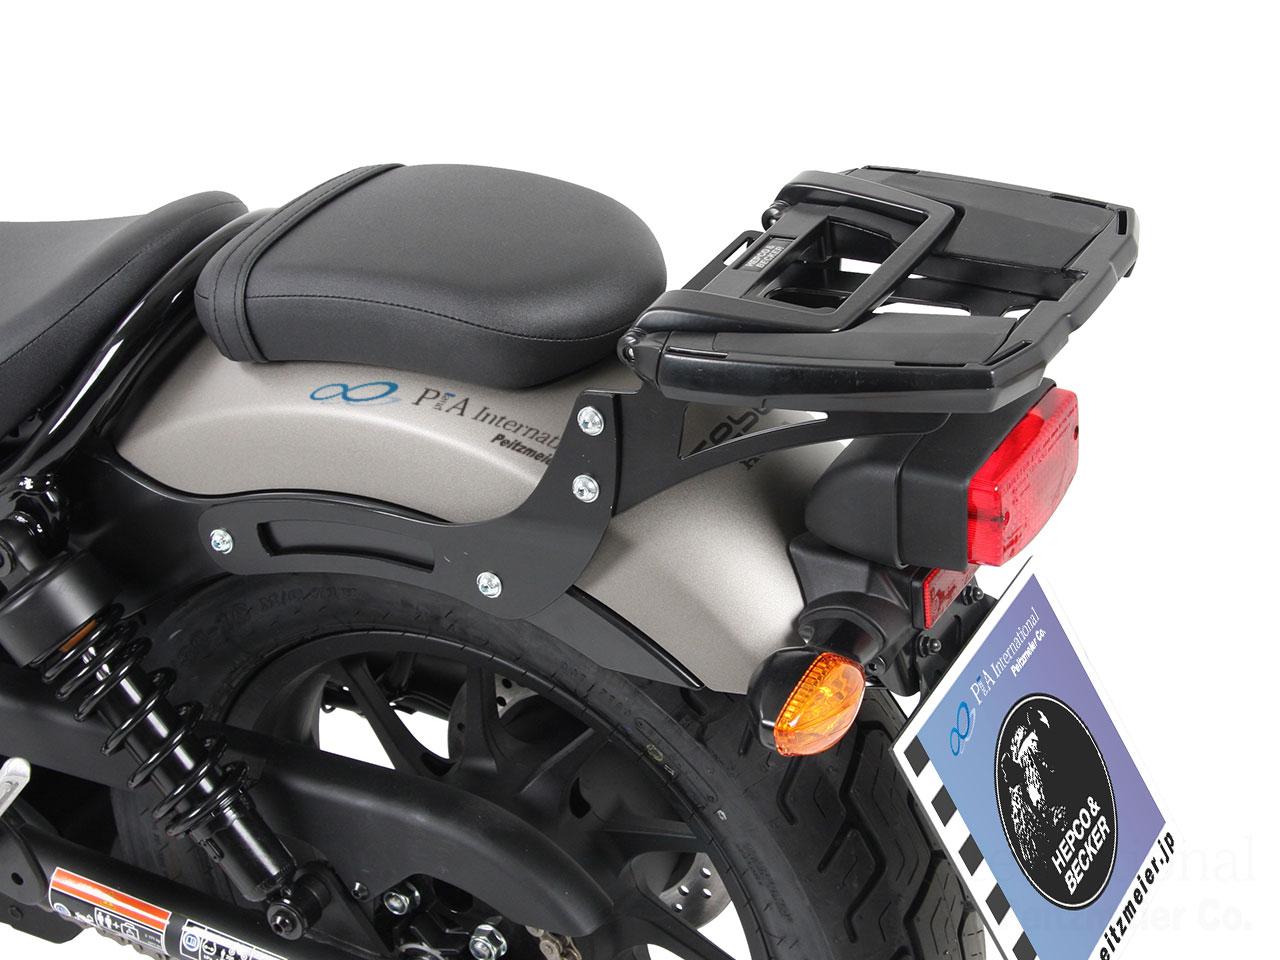 ヘプコ&ベッカー 正規品 トップケースホルダー(キャリア) (イージーラック) Honda Rebel500 / レブル500